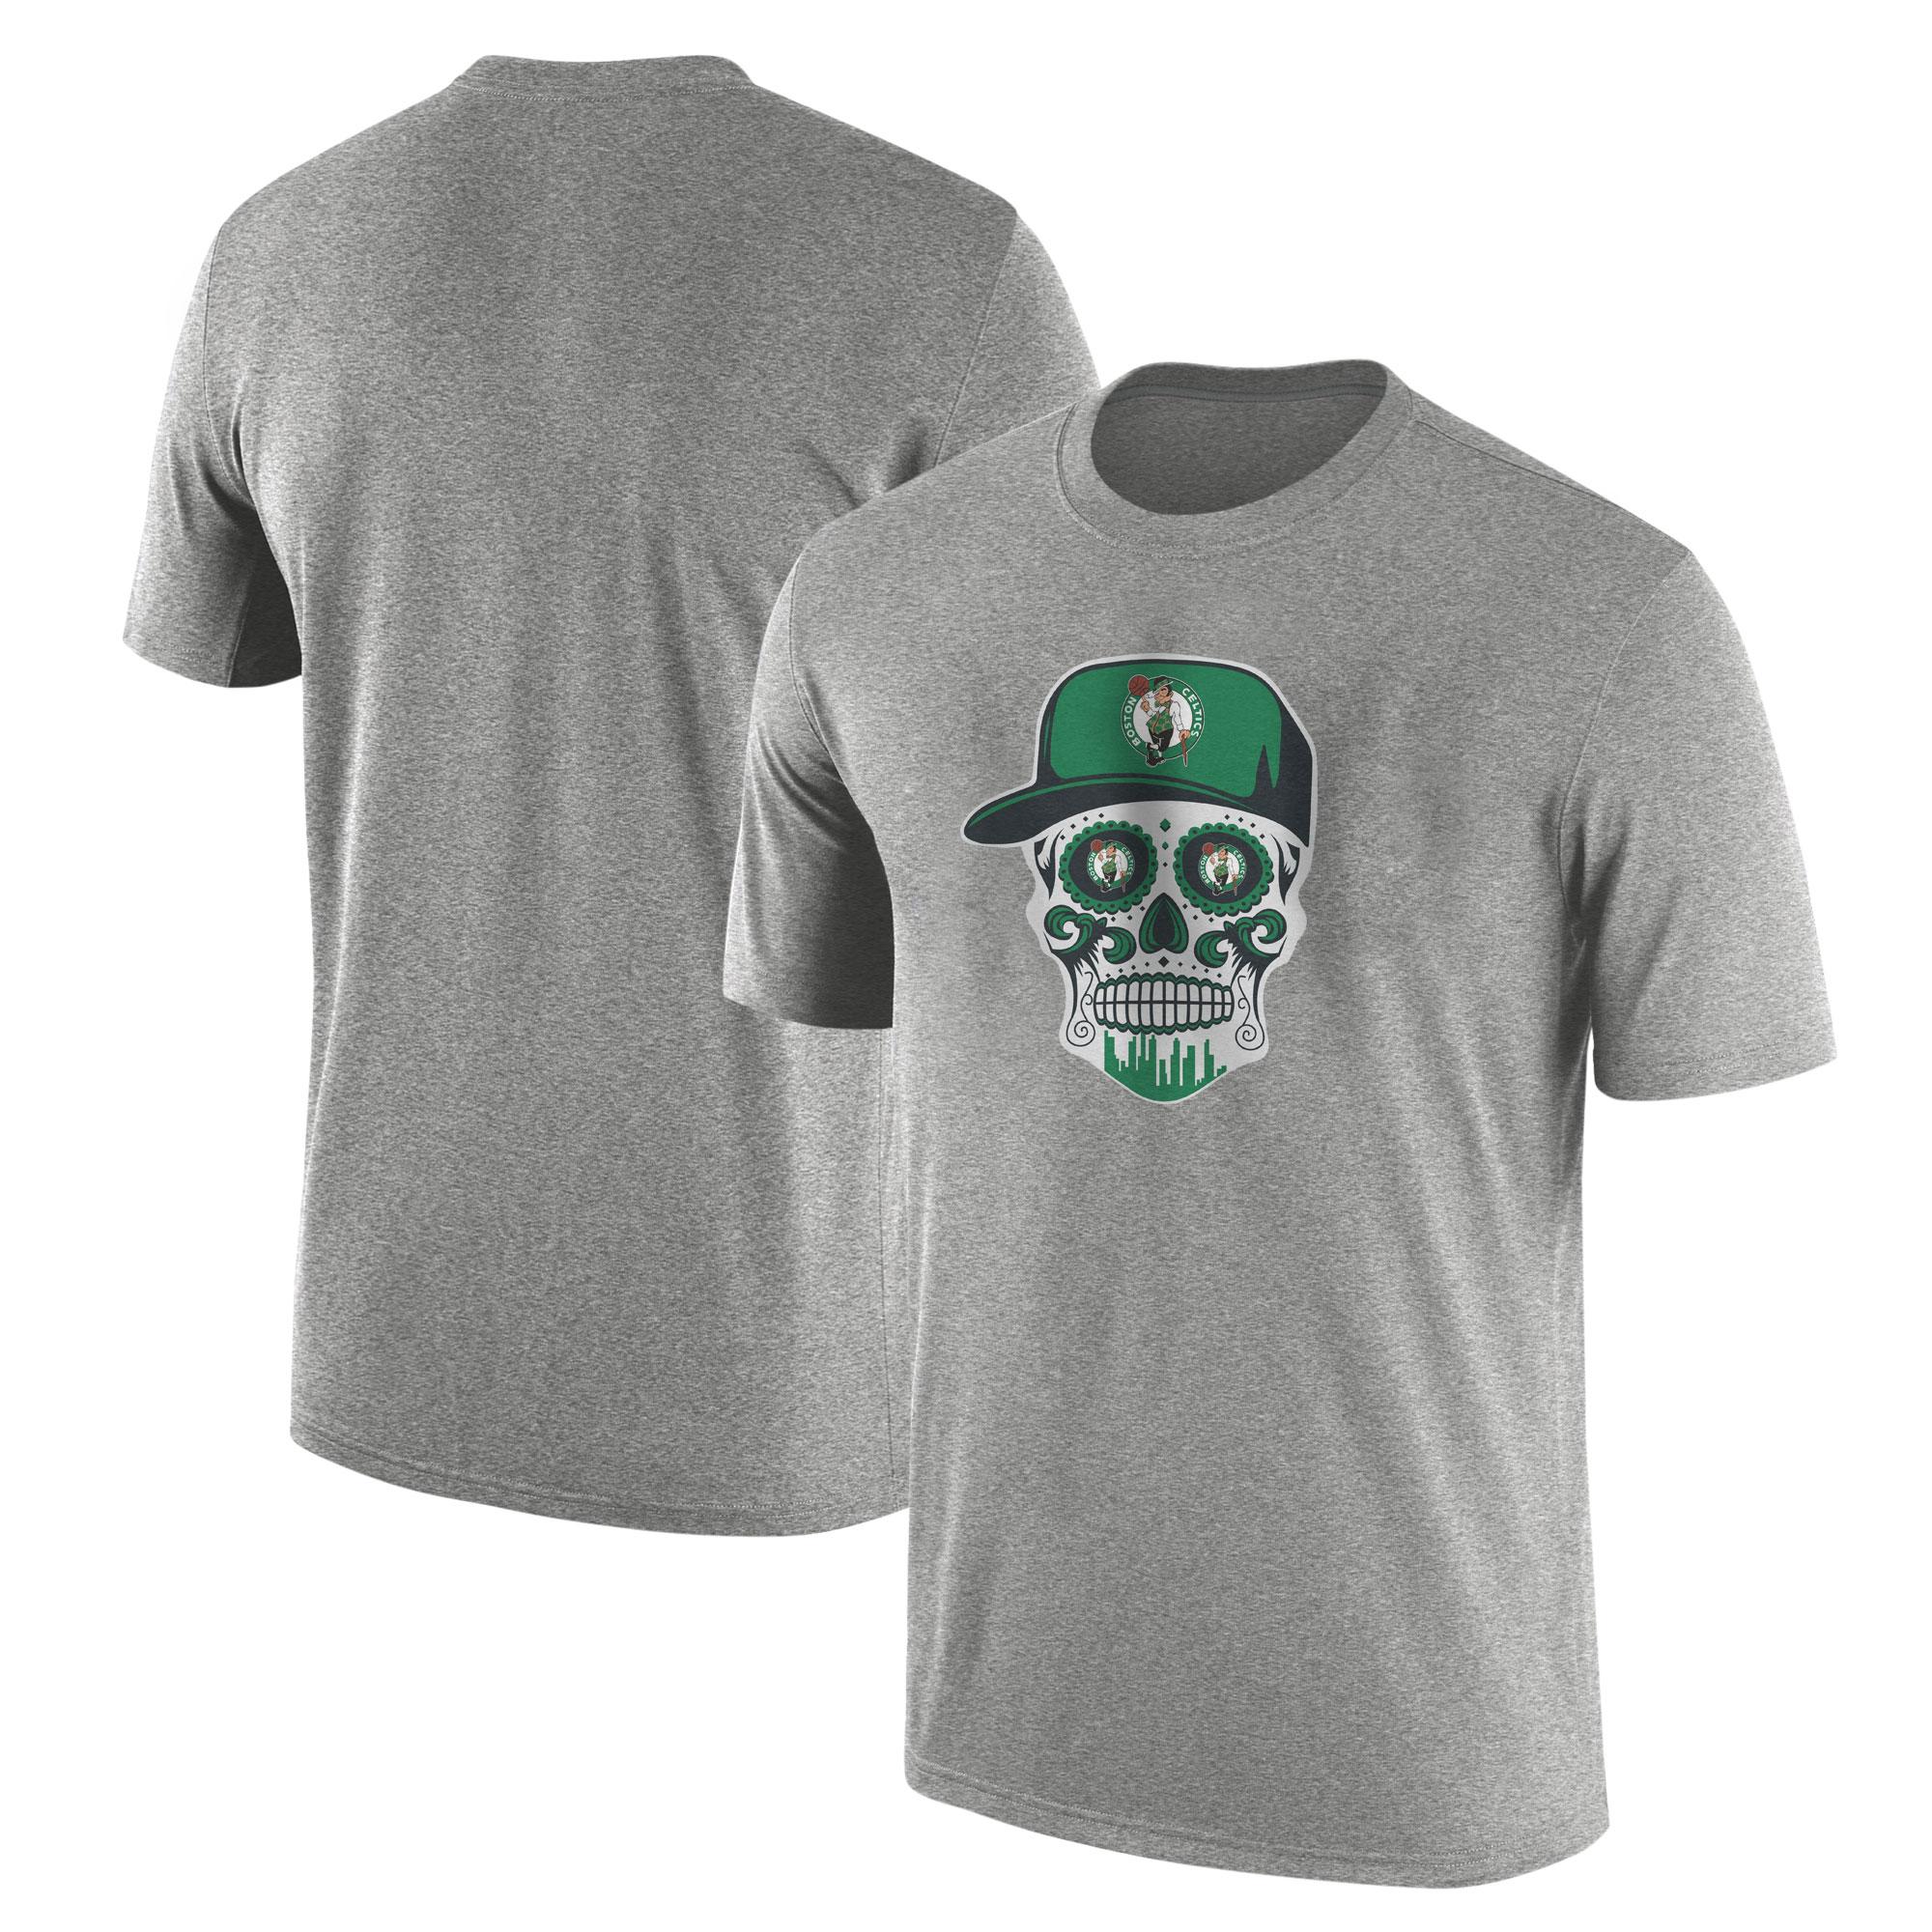 Celtics Skull Tshirt  (TSH-GRY-NP-448-NBA-BSTN-SKULL)